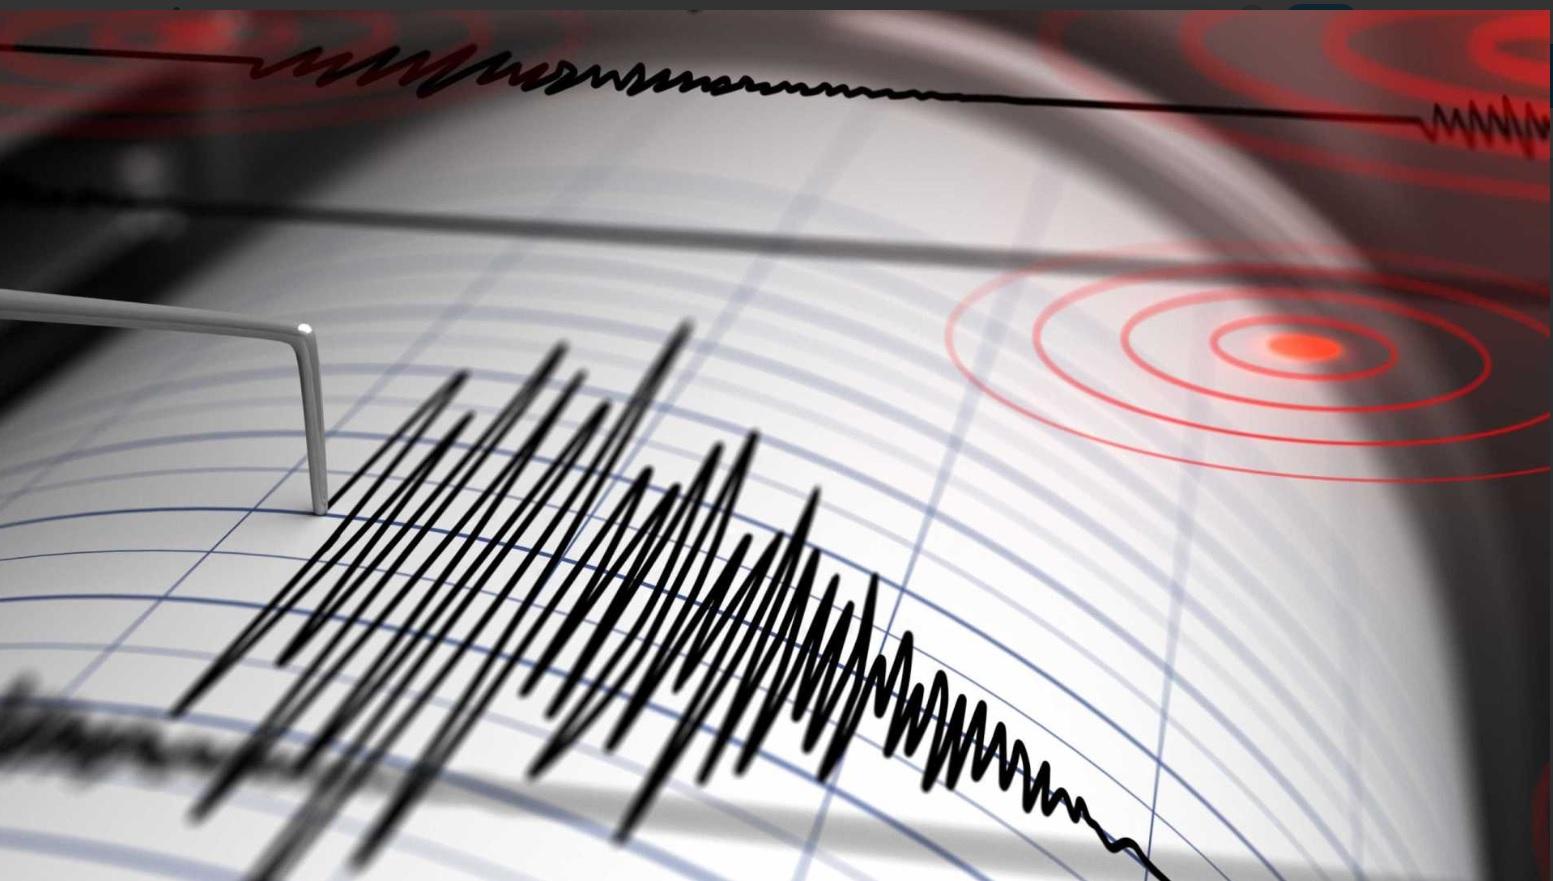 Suena alarma en CDMX por sismo de 5.3 — Otro susto